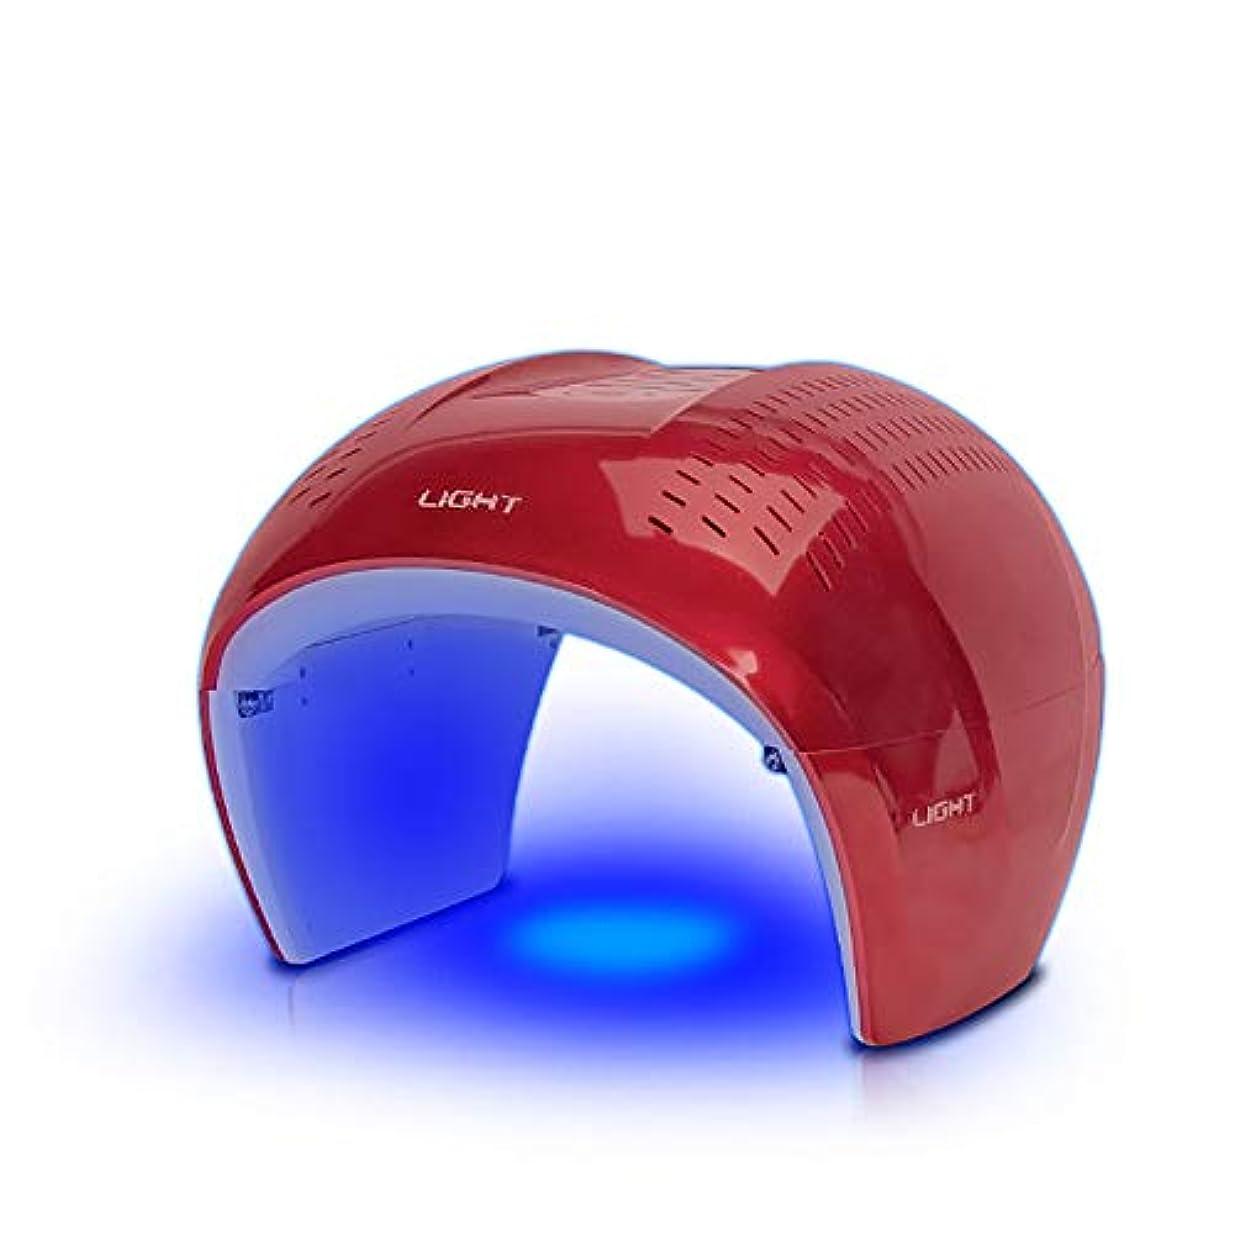 シャット住居海賊7色光療法機led、光光線力学肌の若返りランプ、サロンスパアンチエイジングスキンケアデバイス、フェイシャルマスクマッサージ機